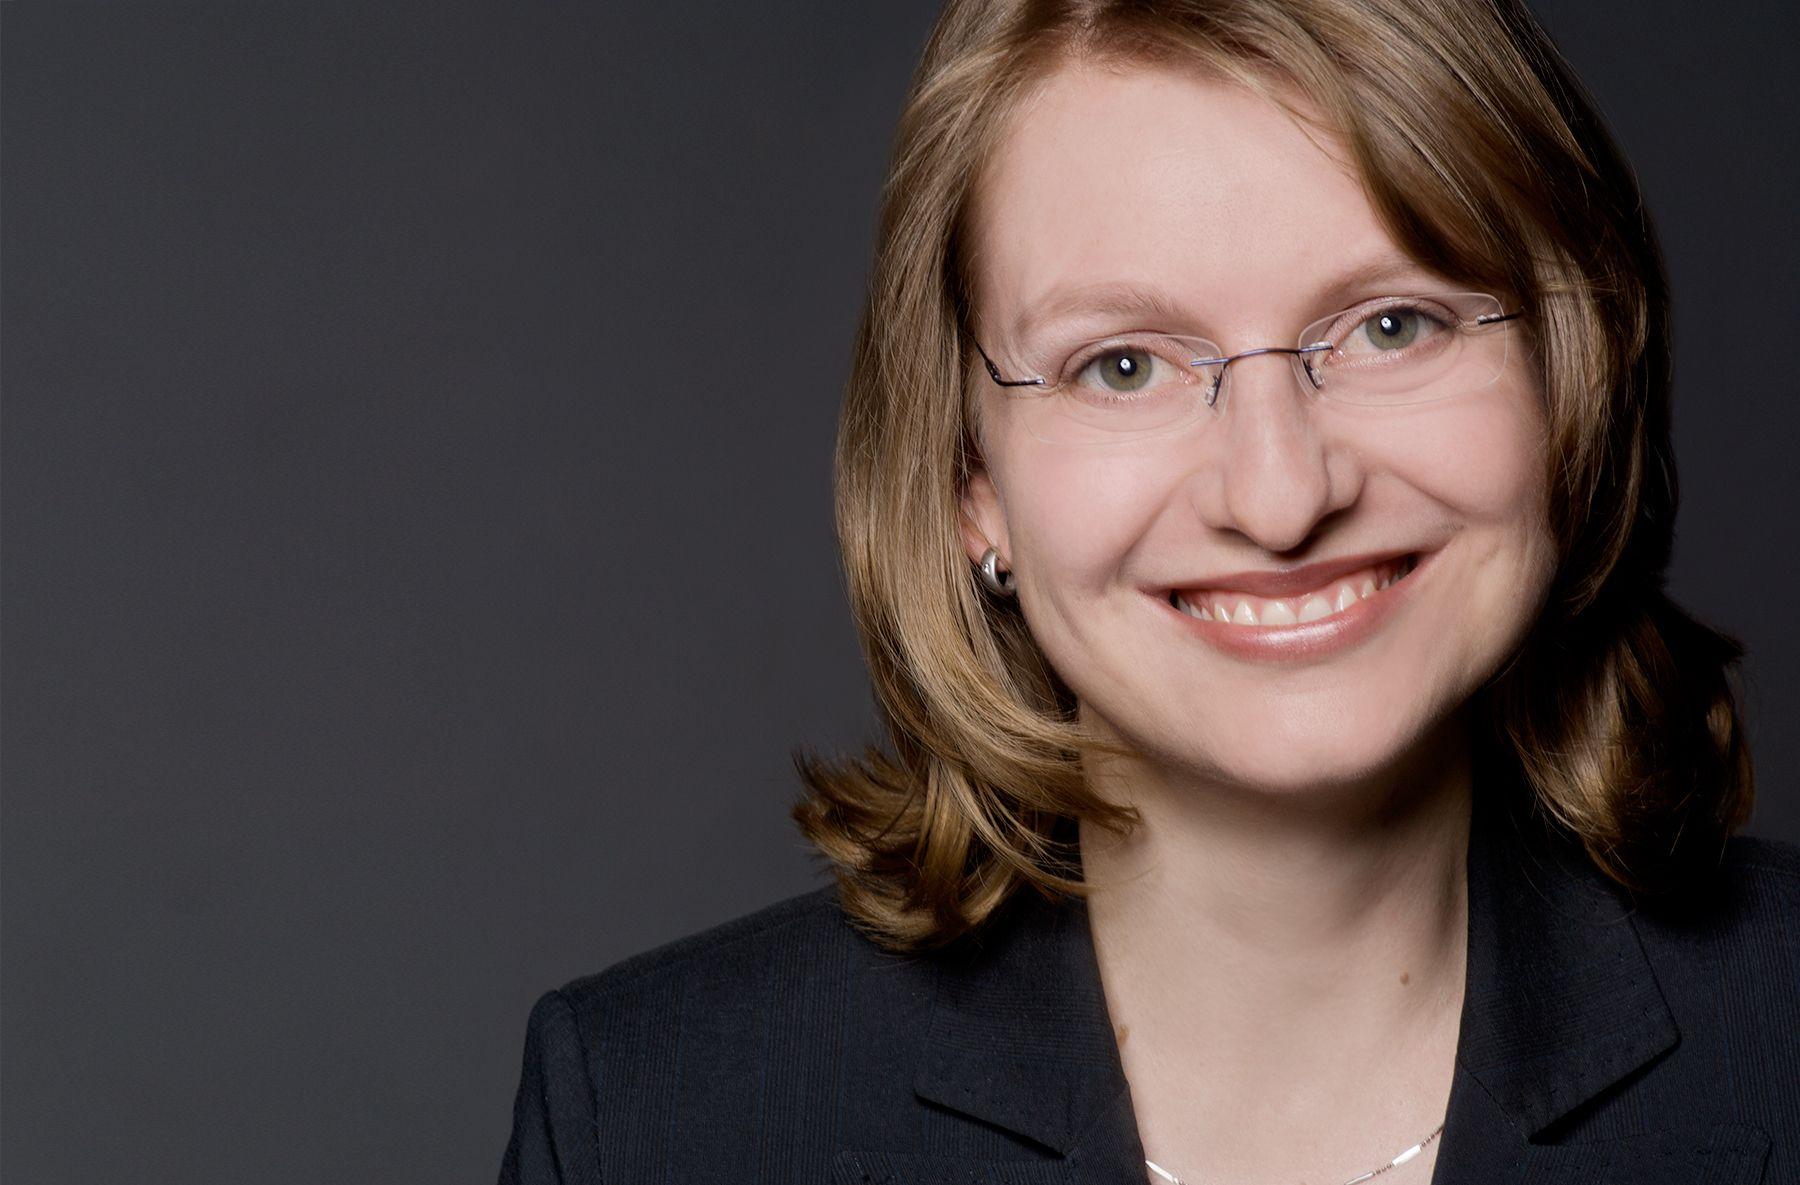 Nicole Sylwester